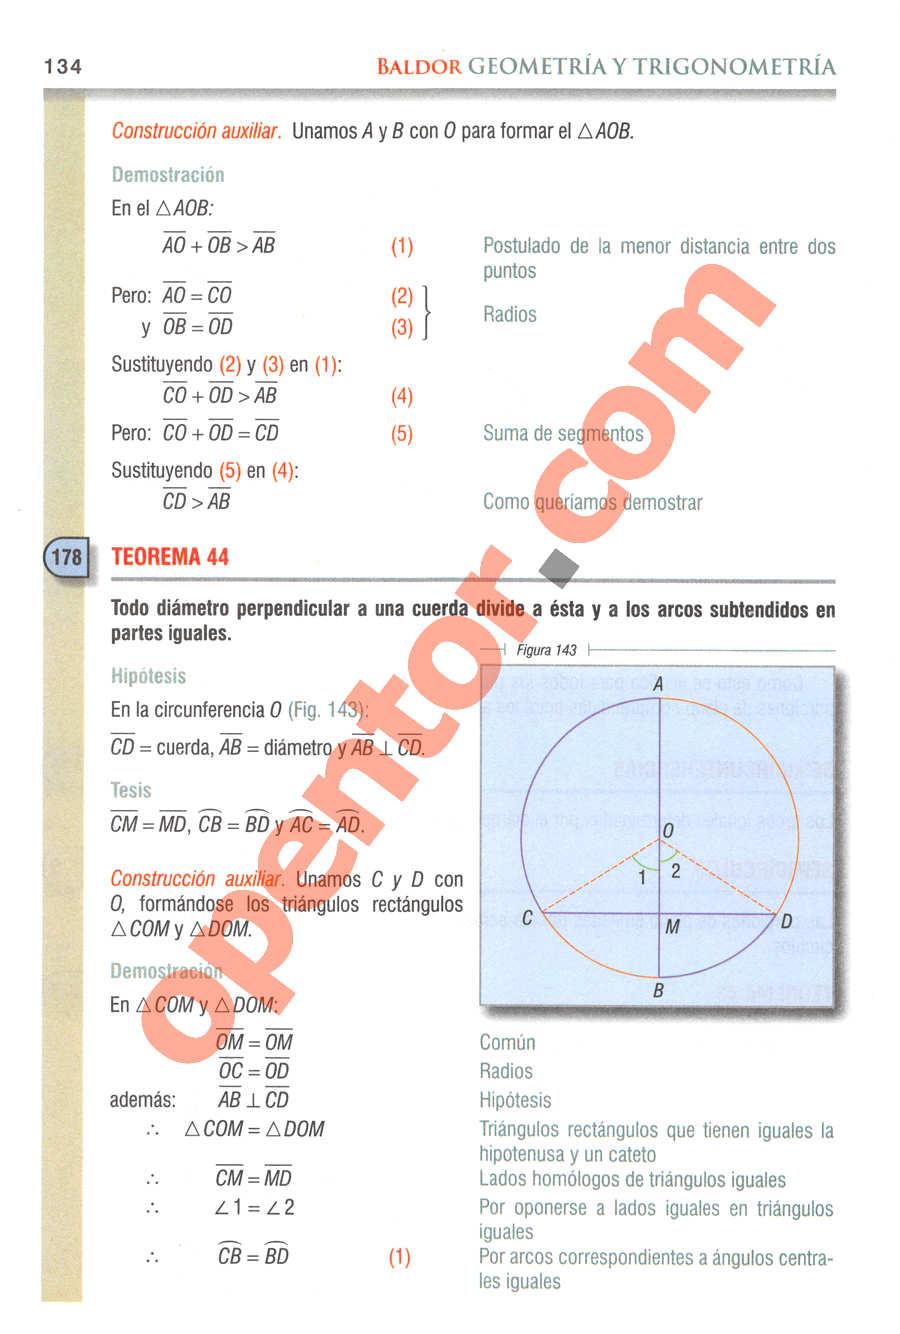 Geometría y Trigonometría de Baldor - Página 134